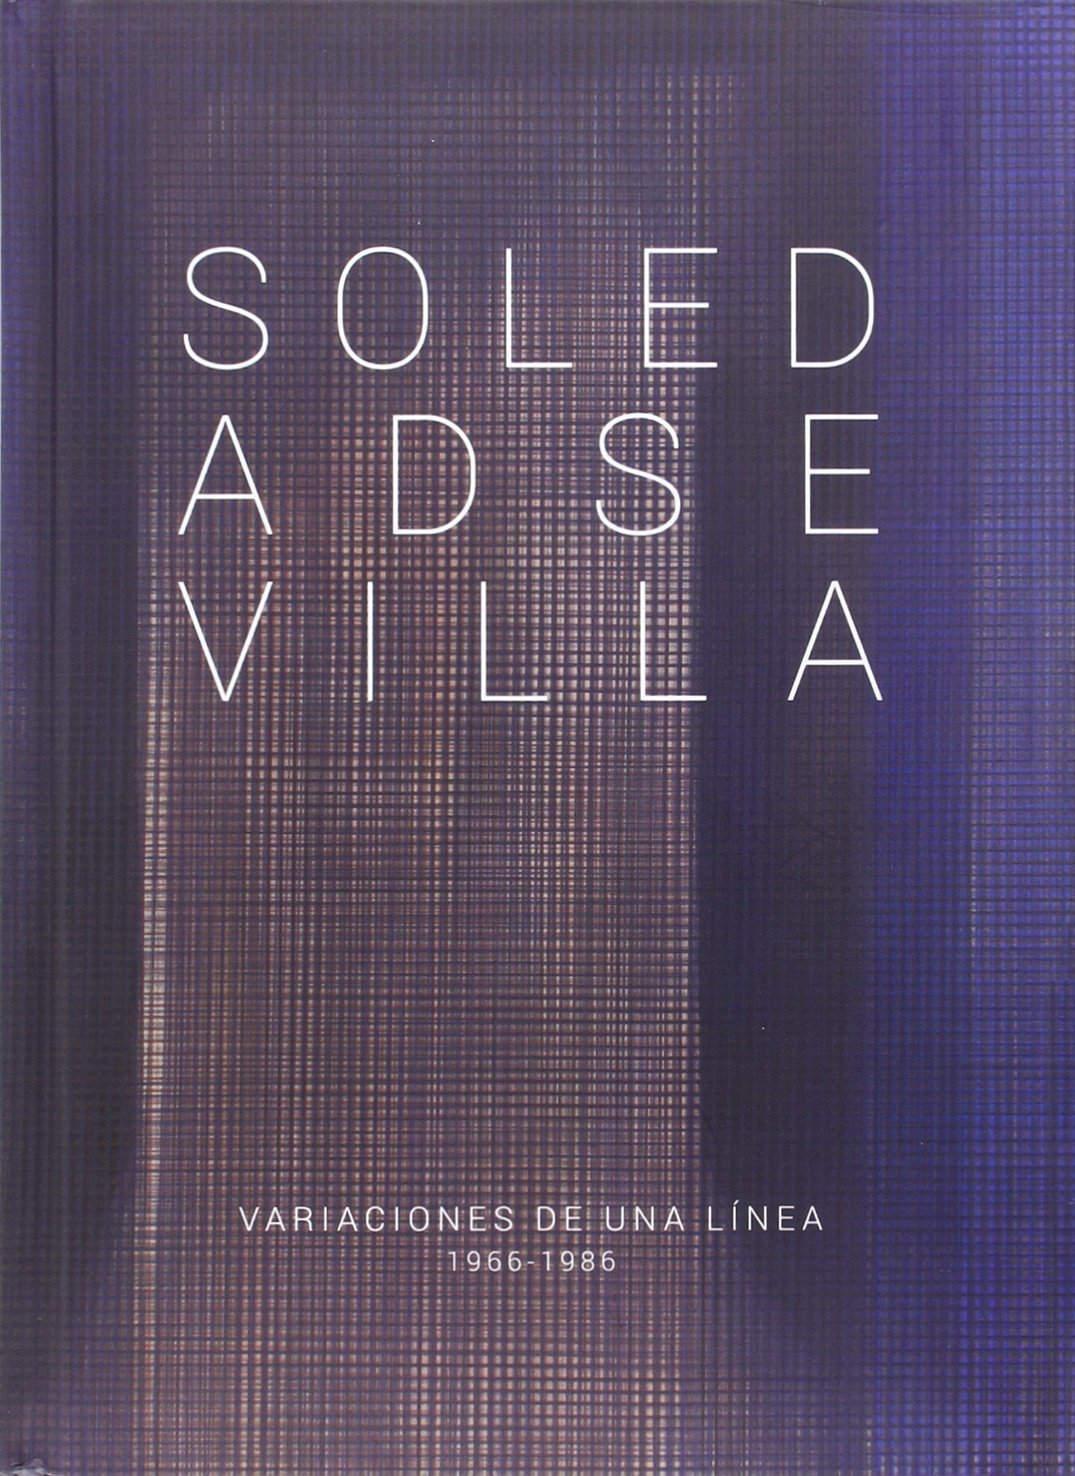 Soledad Sevilla. Variaciones de una línea 1966-1986